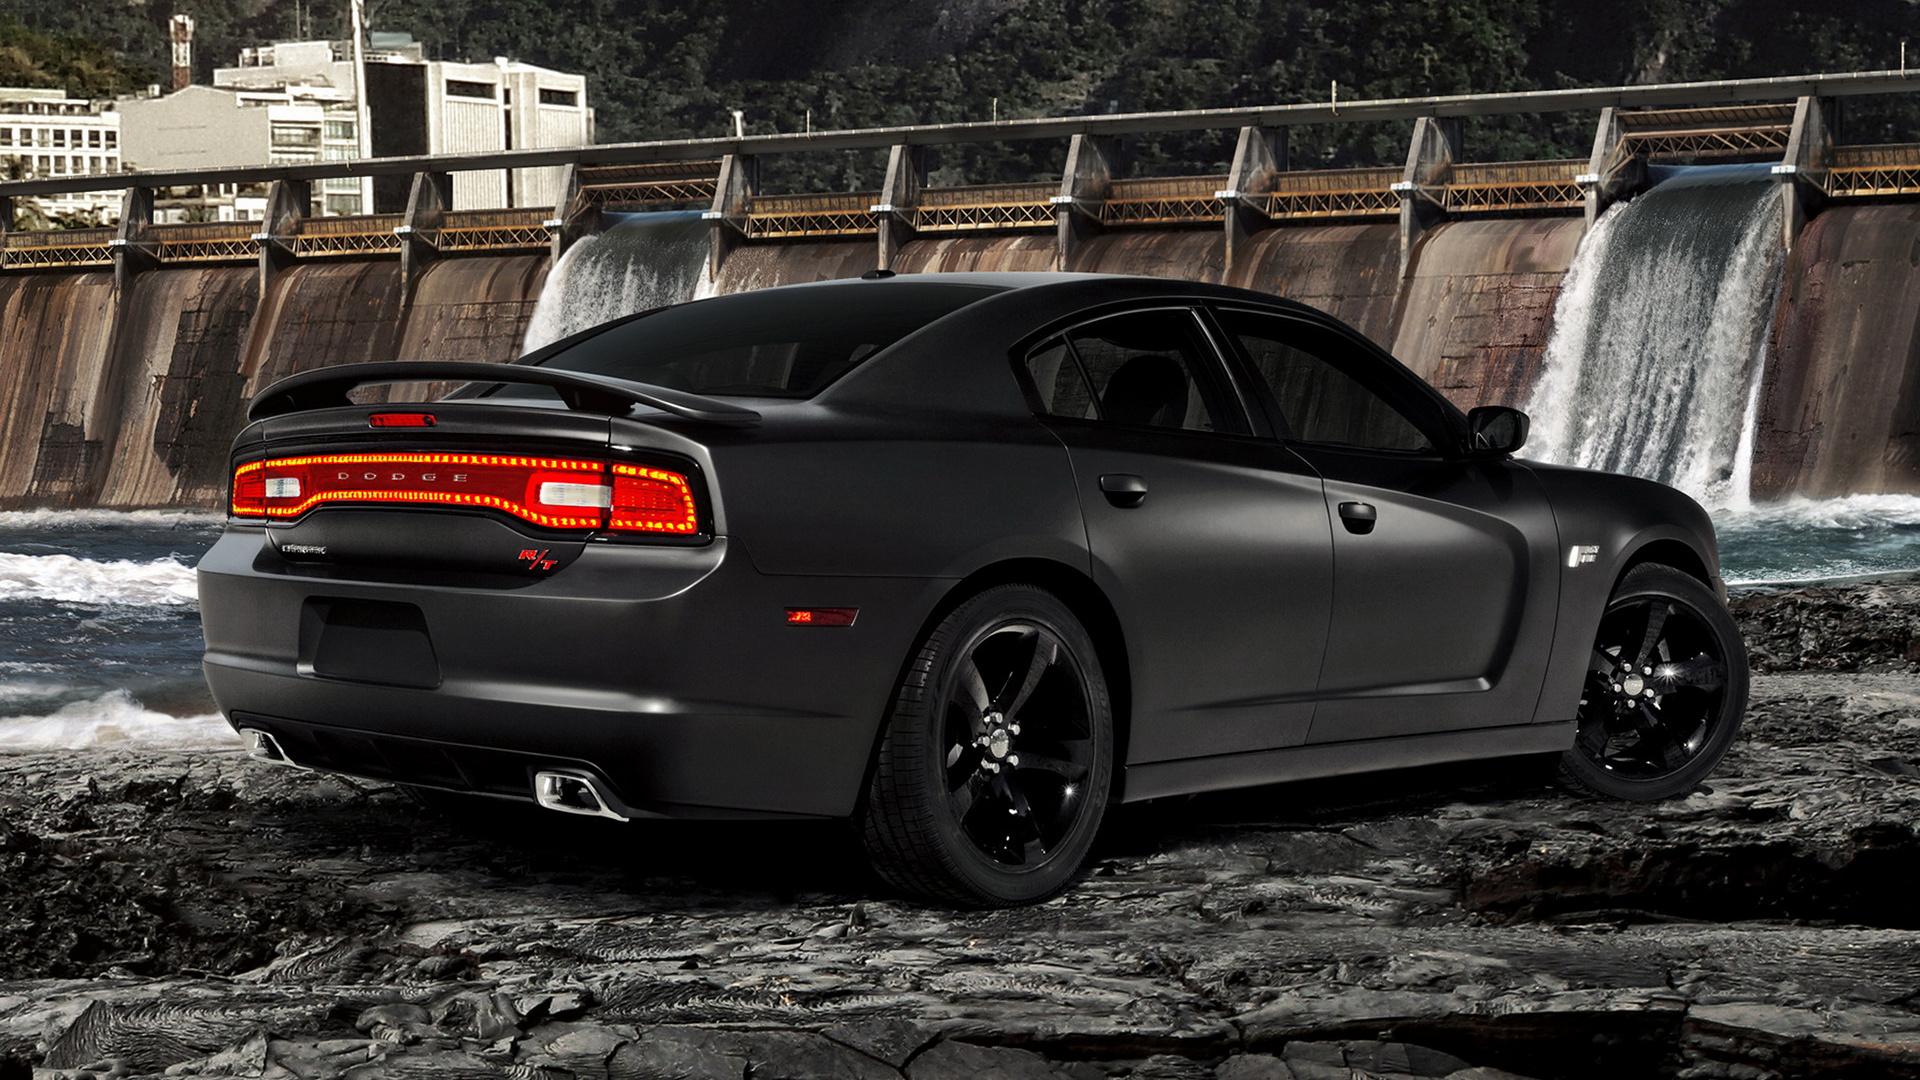 2011 Dodge Charger R T Fast Five Papeis De Parede E Imagens De Fundo Em Hd Car Pixel